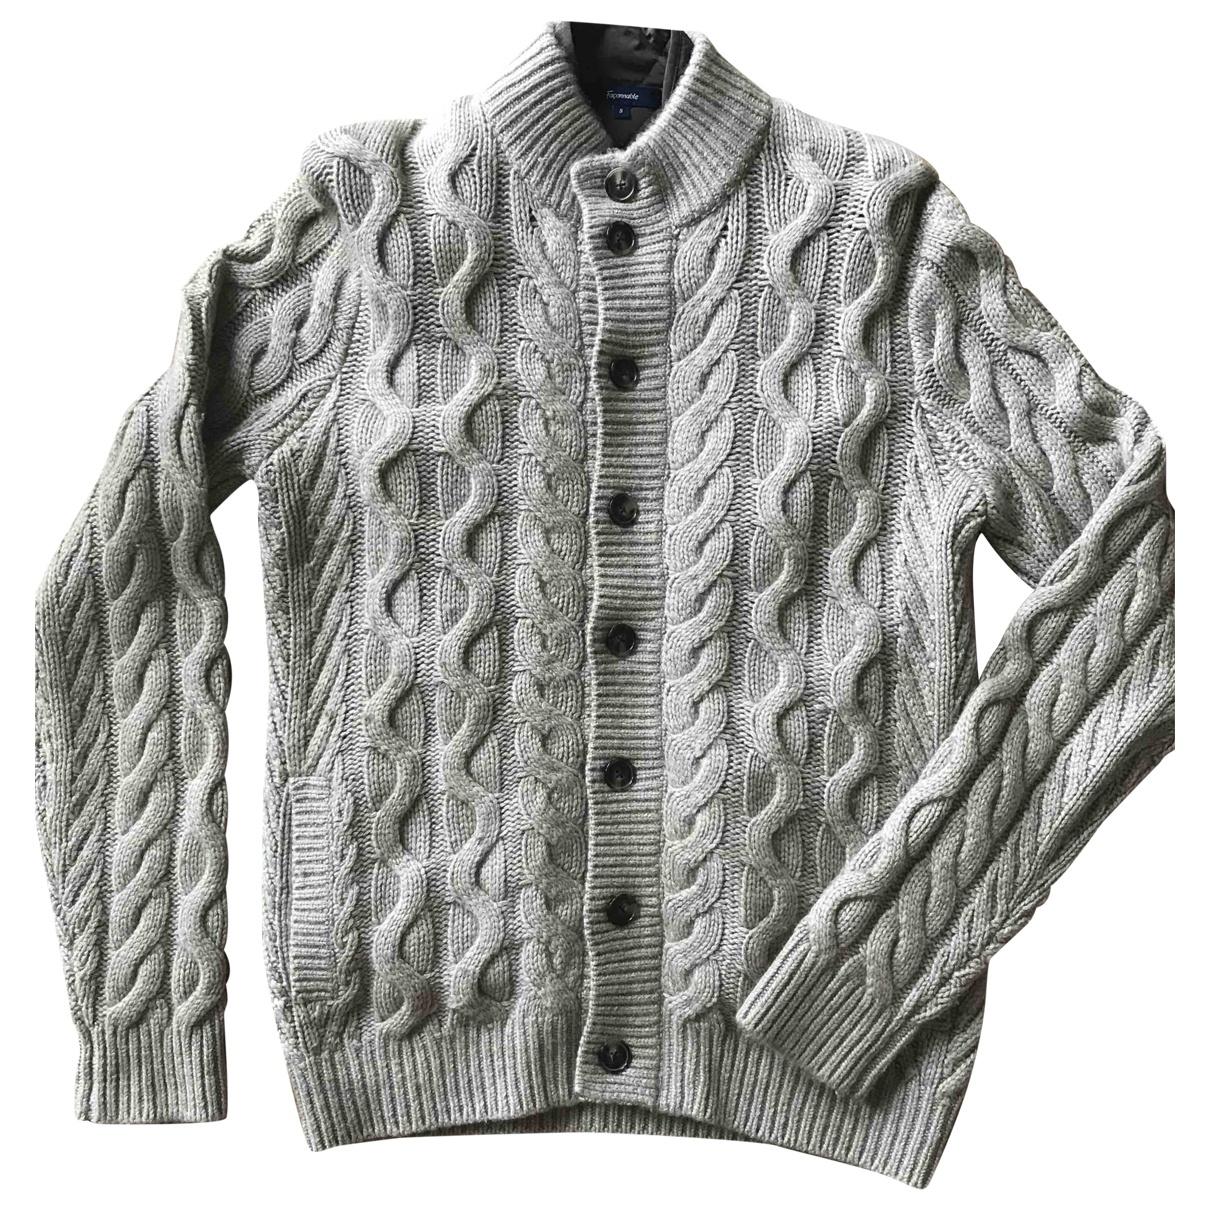 Faconnable \N Beige Cashmere jacket  for Men S International